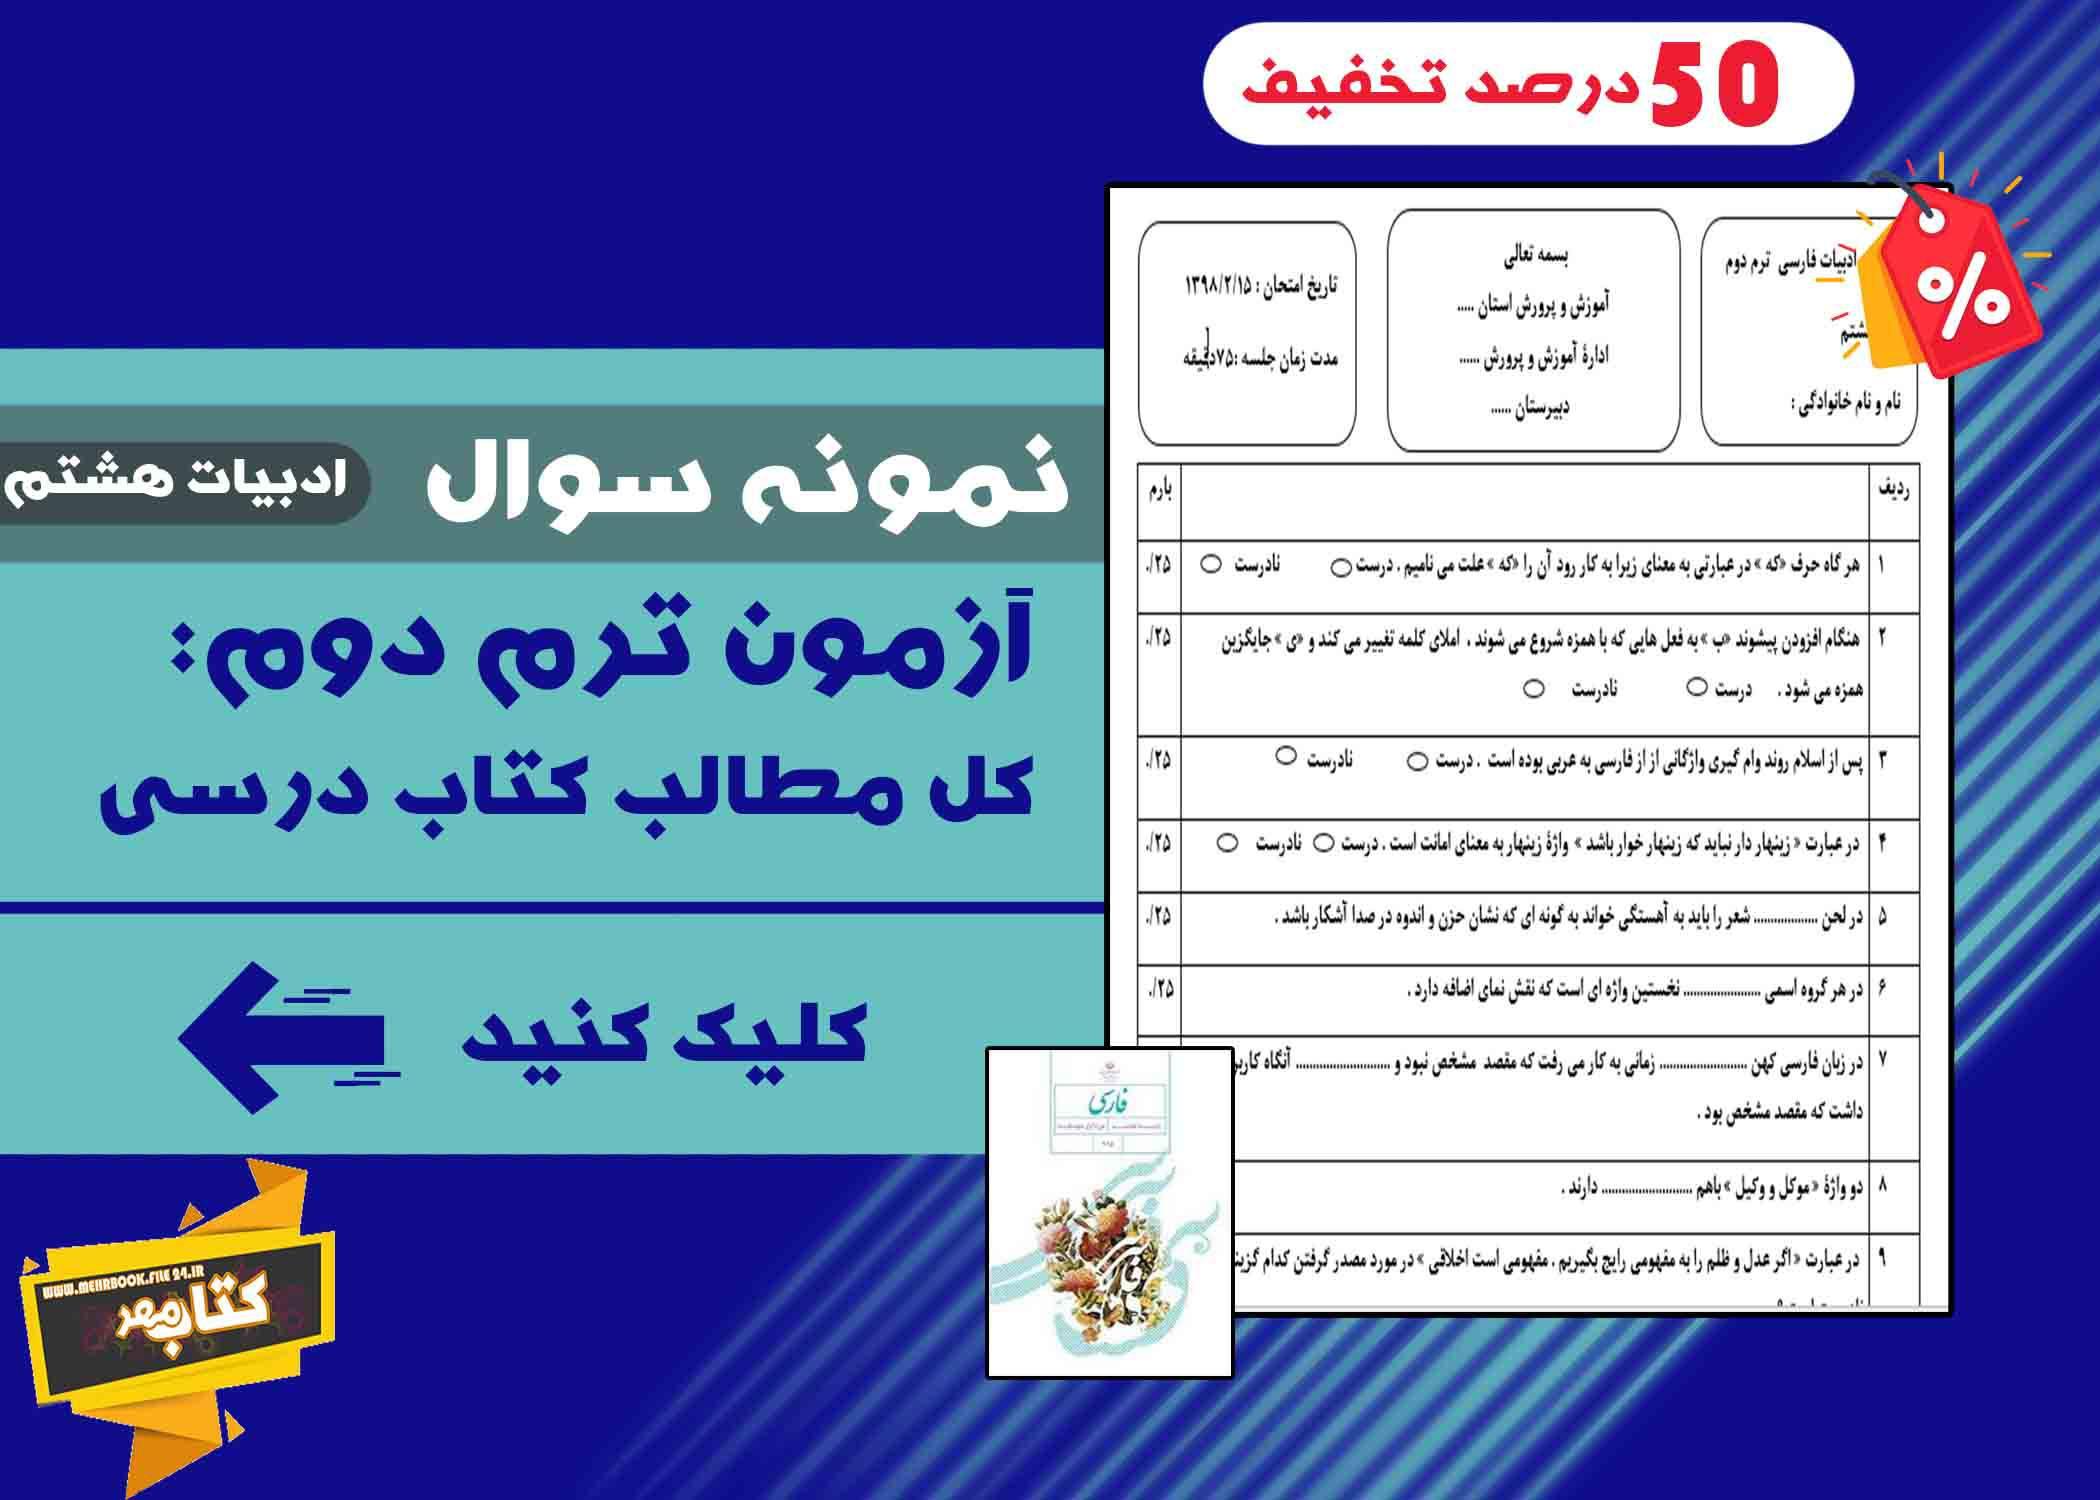 نمونه سوال ادبیات فارسی هشتم خرداد